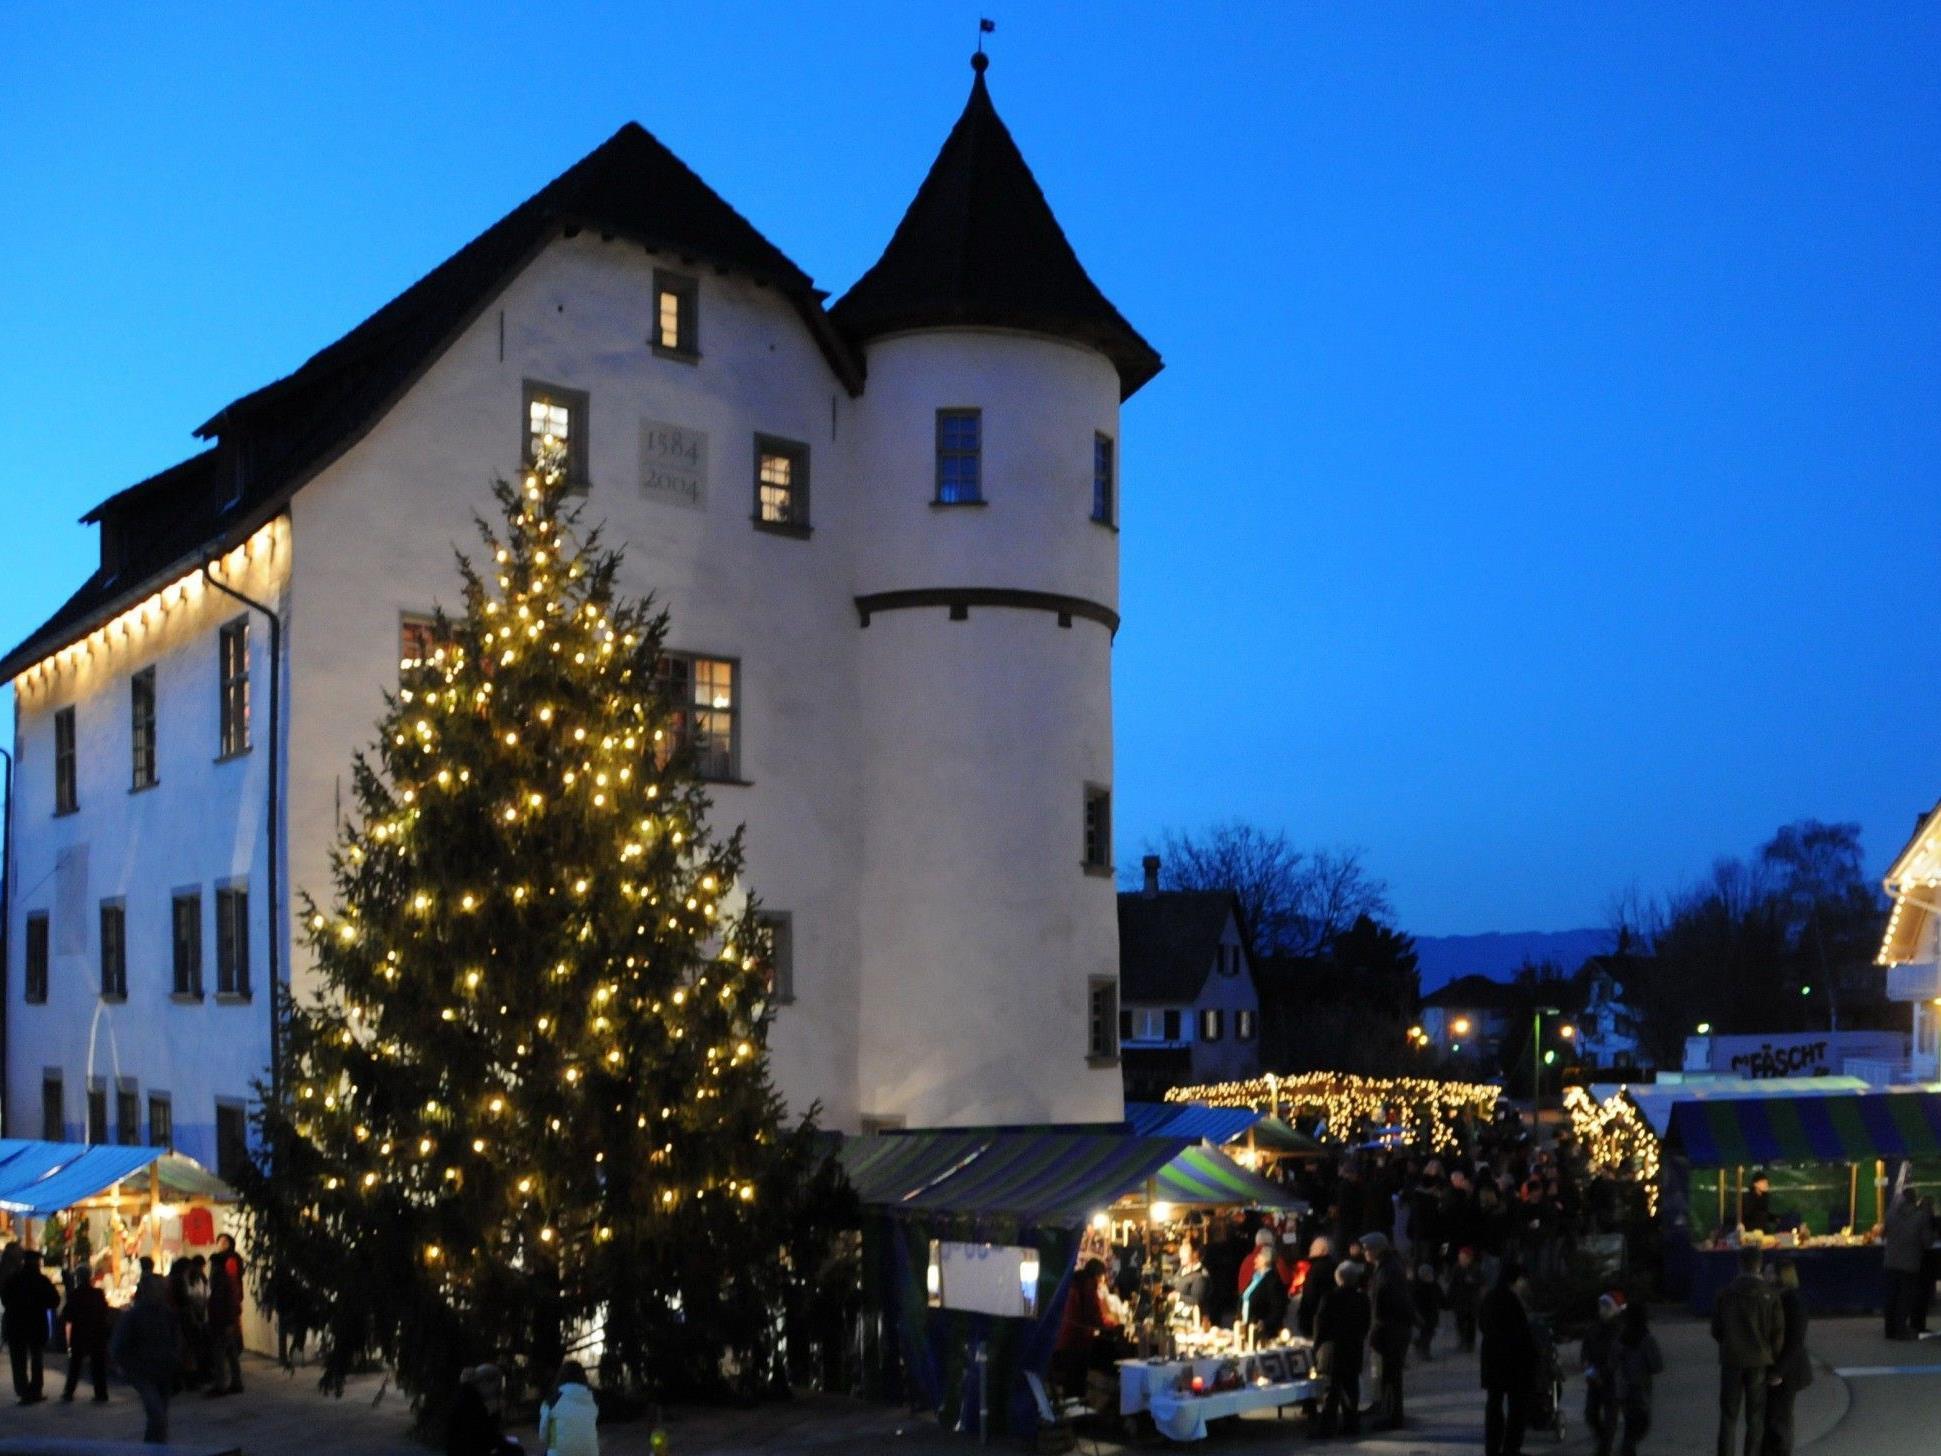 Am ersten Adventwochenende vom 30.11. bis 2.12. findet wieder der traditionelle Götzner Weihnachtsmarkt beim Jonas Schlössle statt